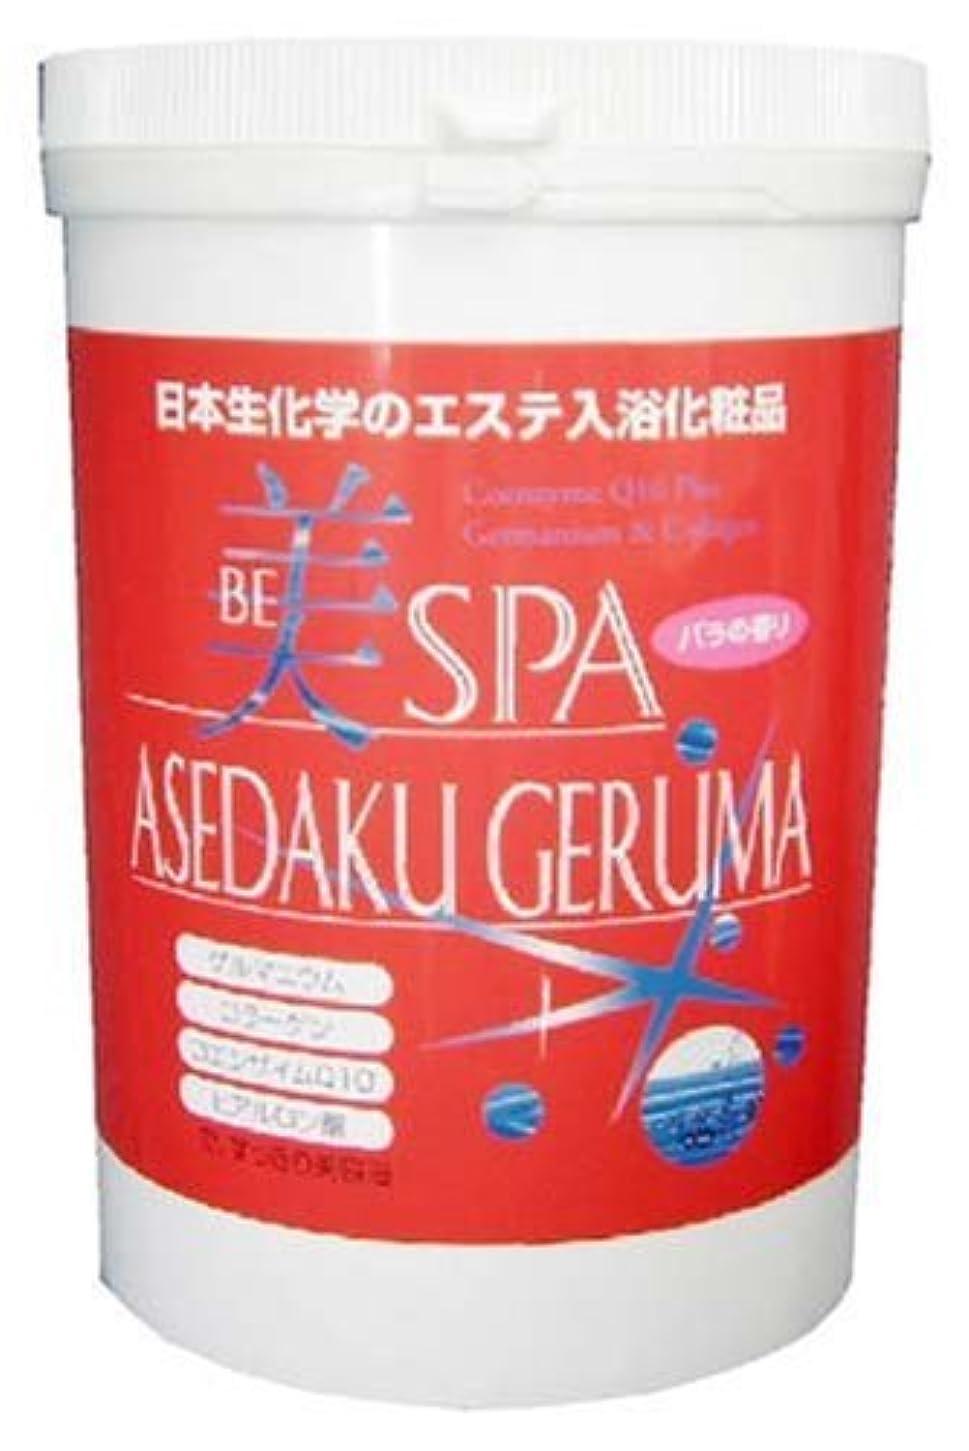 フェード置換削減美SPA ASEDAKU GERUMA バラの香り 1kg